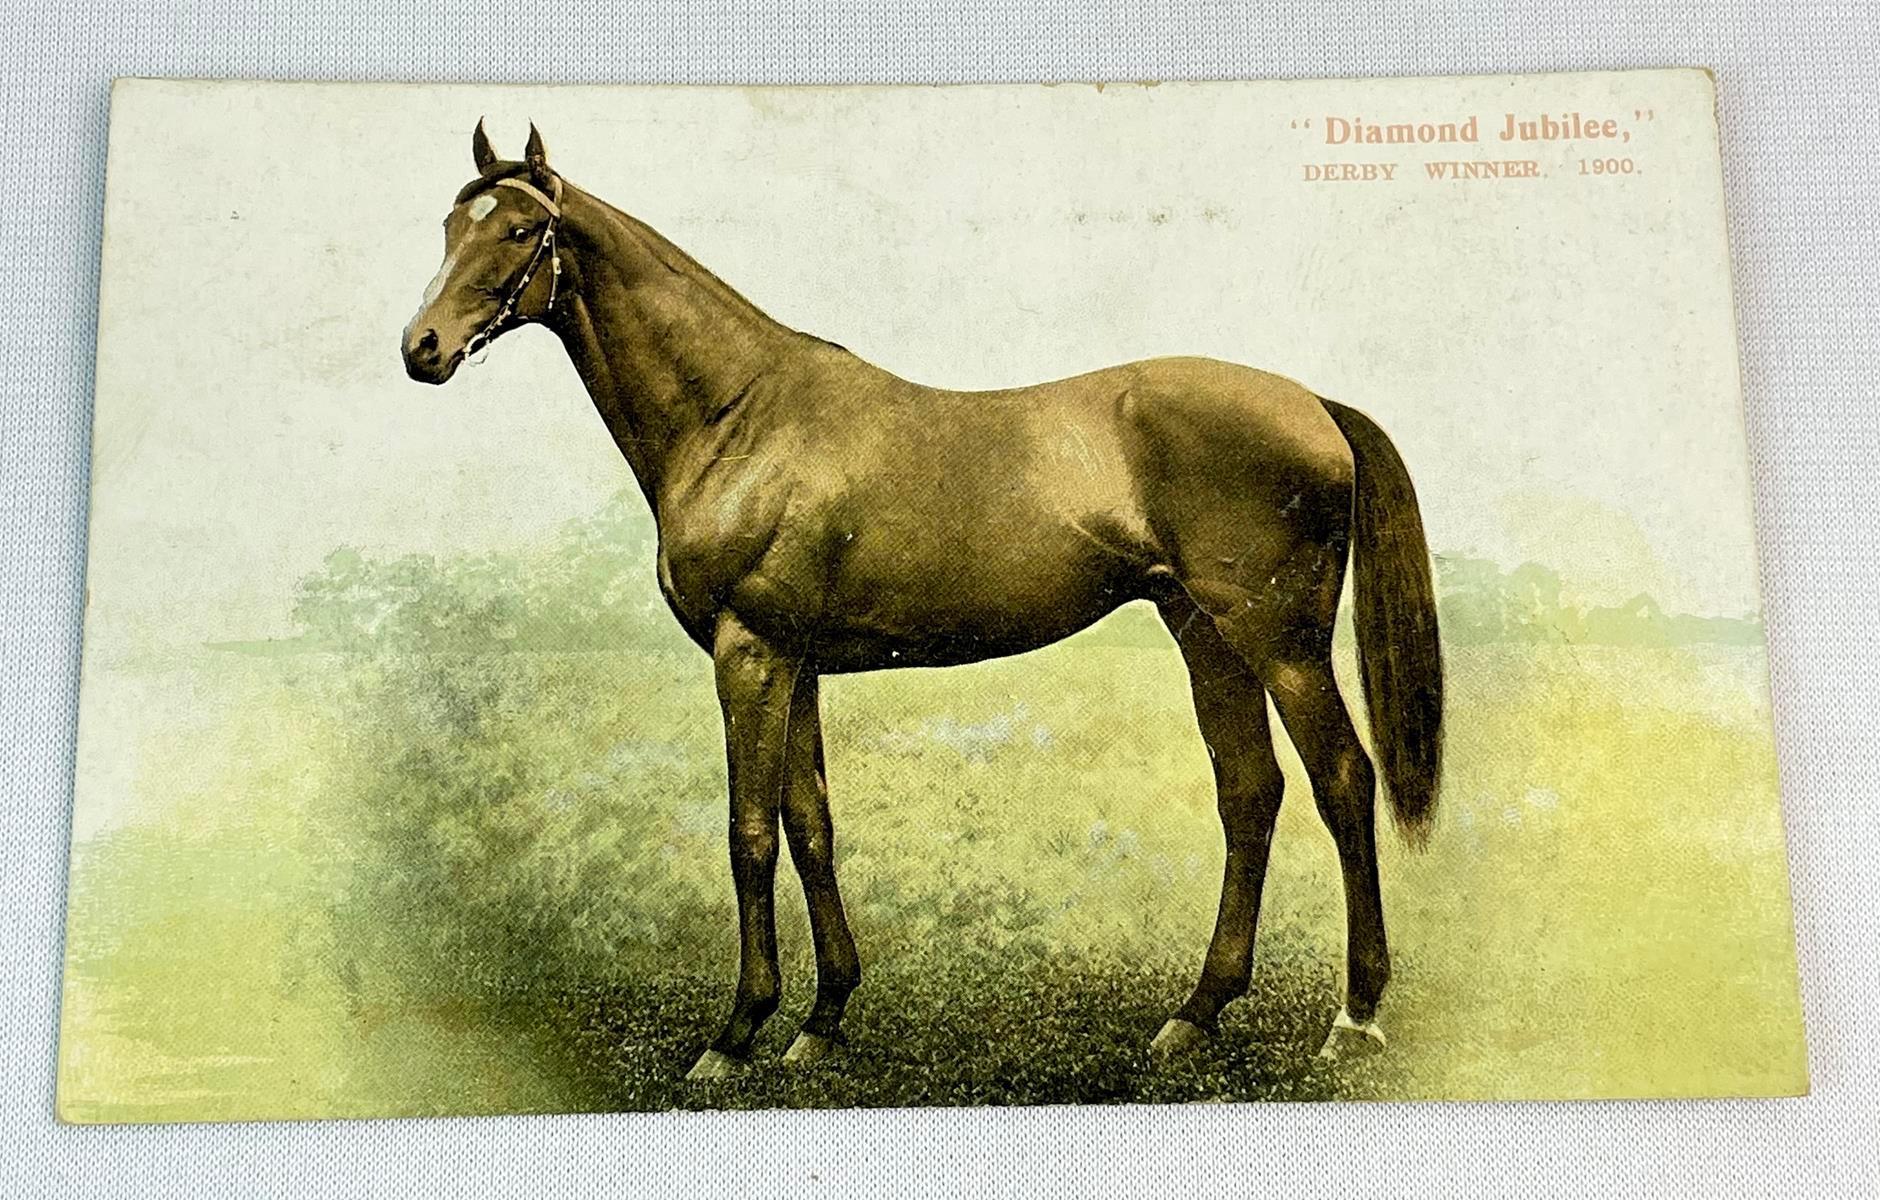 Antique c. 1905 Thoroughbred Horse Diamond Jubilee Epsom Derby Winner for 1900 Postcard